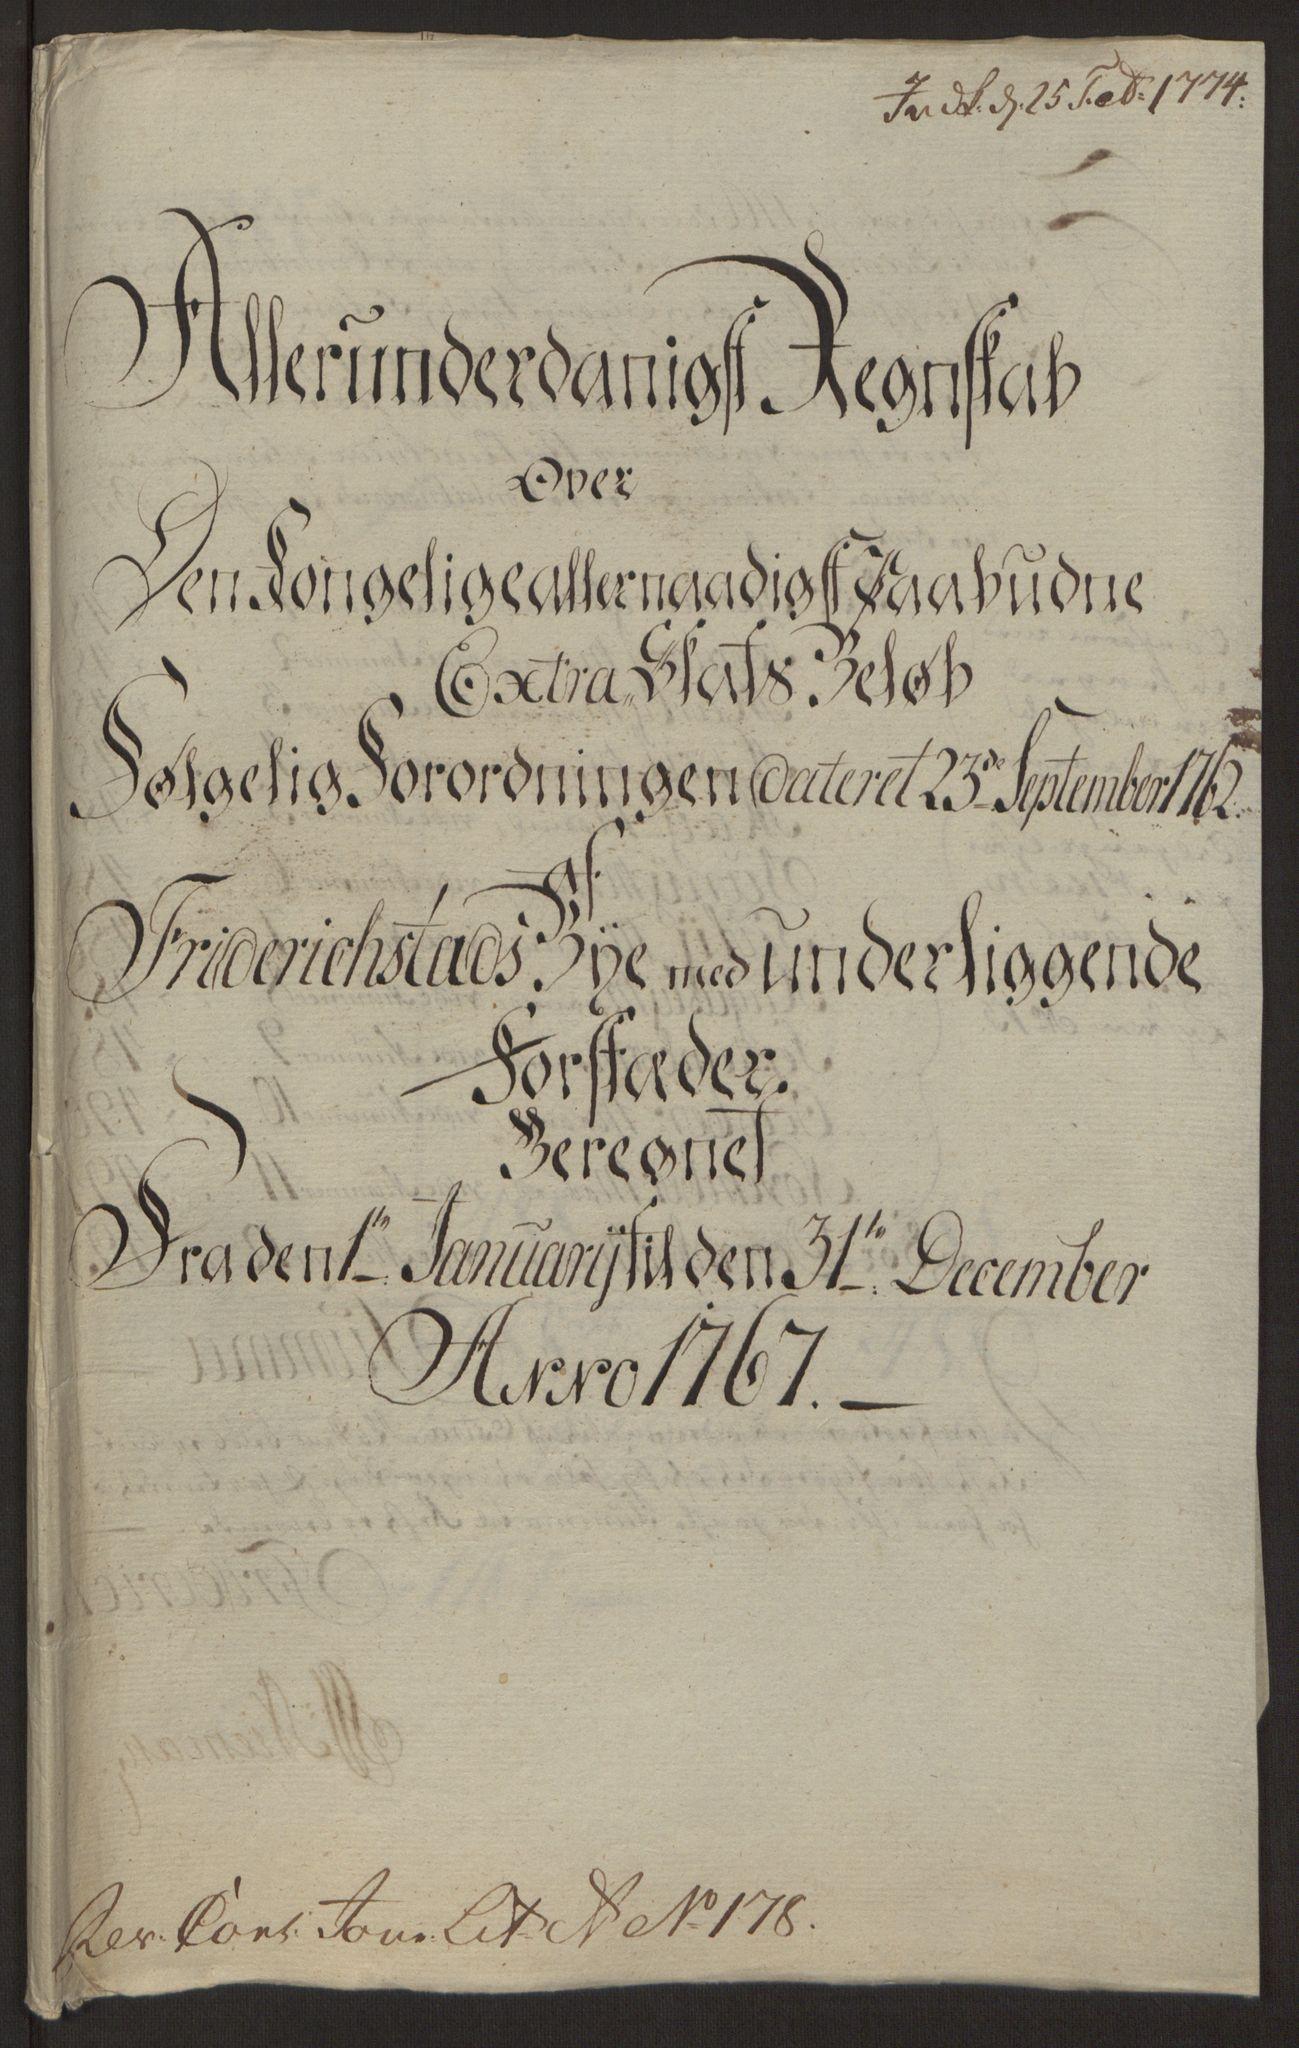 RA, Rentekammeret inntil 1814, Reviderte regnskaper, Byregnskaper, R/Rb/L0029: [B3] Kontribusjonsregnskap, 1762-1772, s. 243